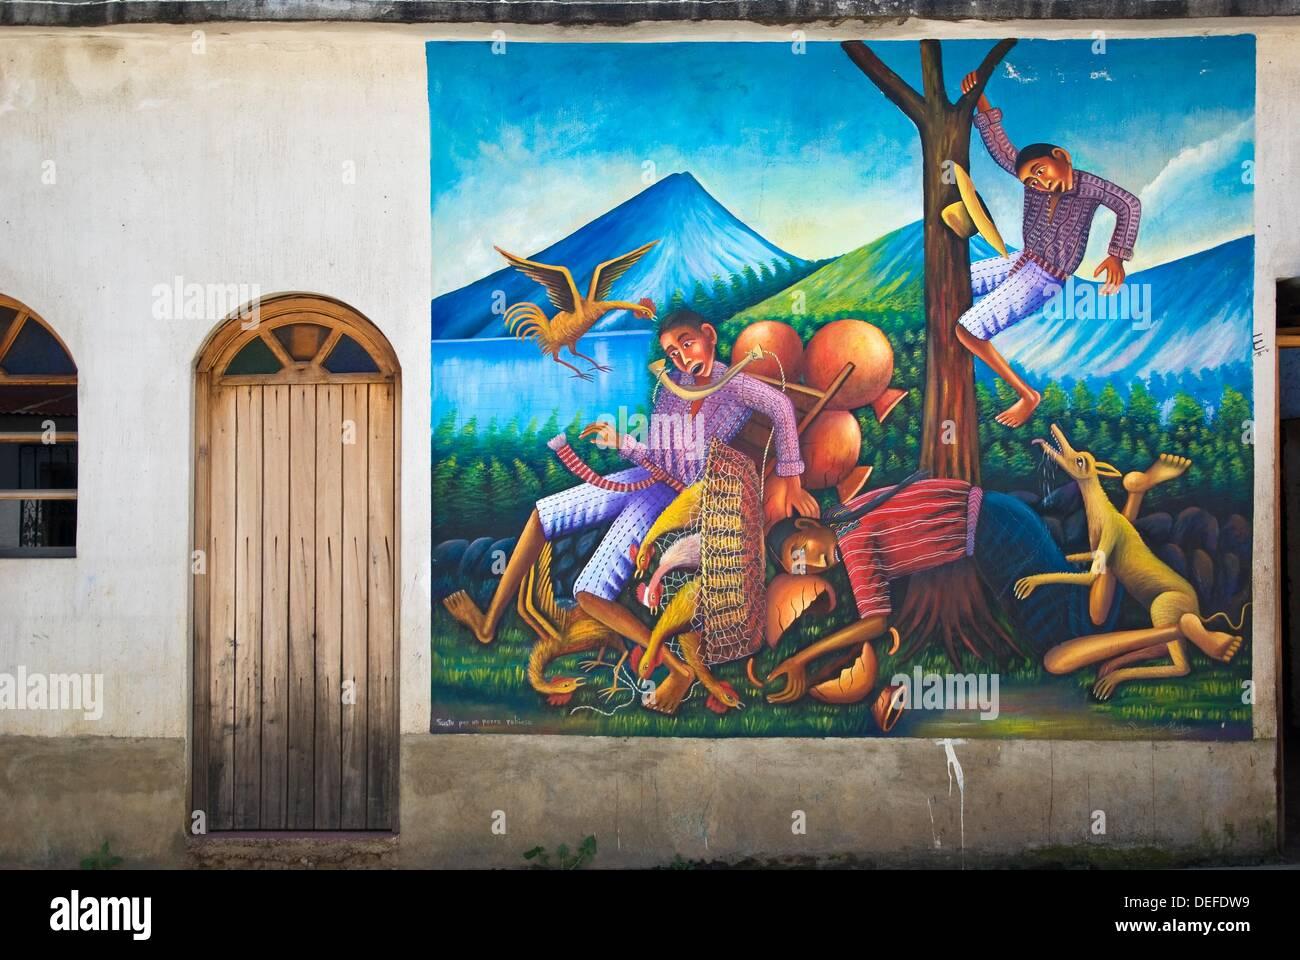 Peinture Murale Sur Le Mur Extérieur D Une Maison à San Juan